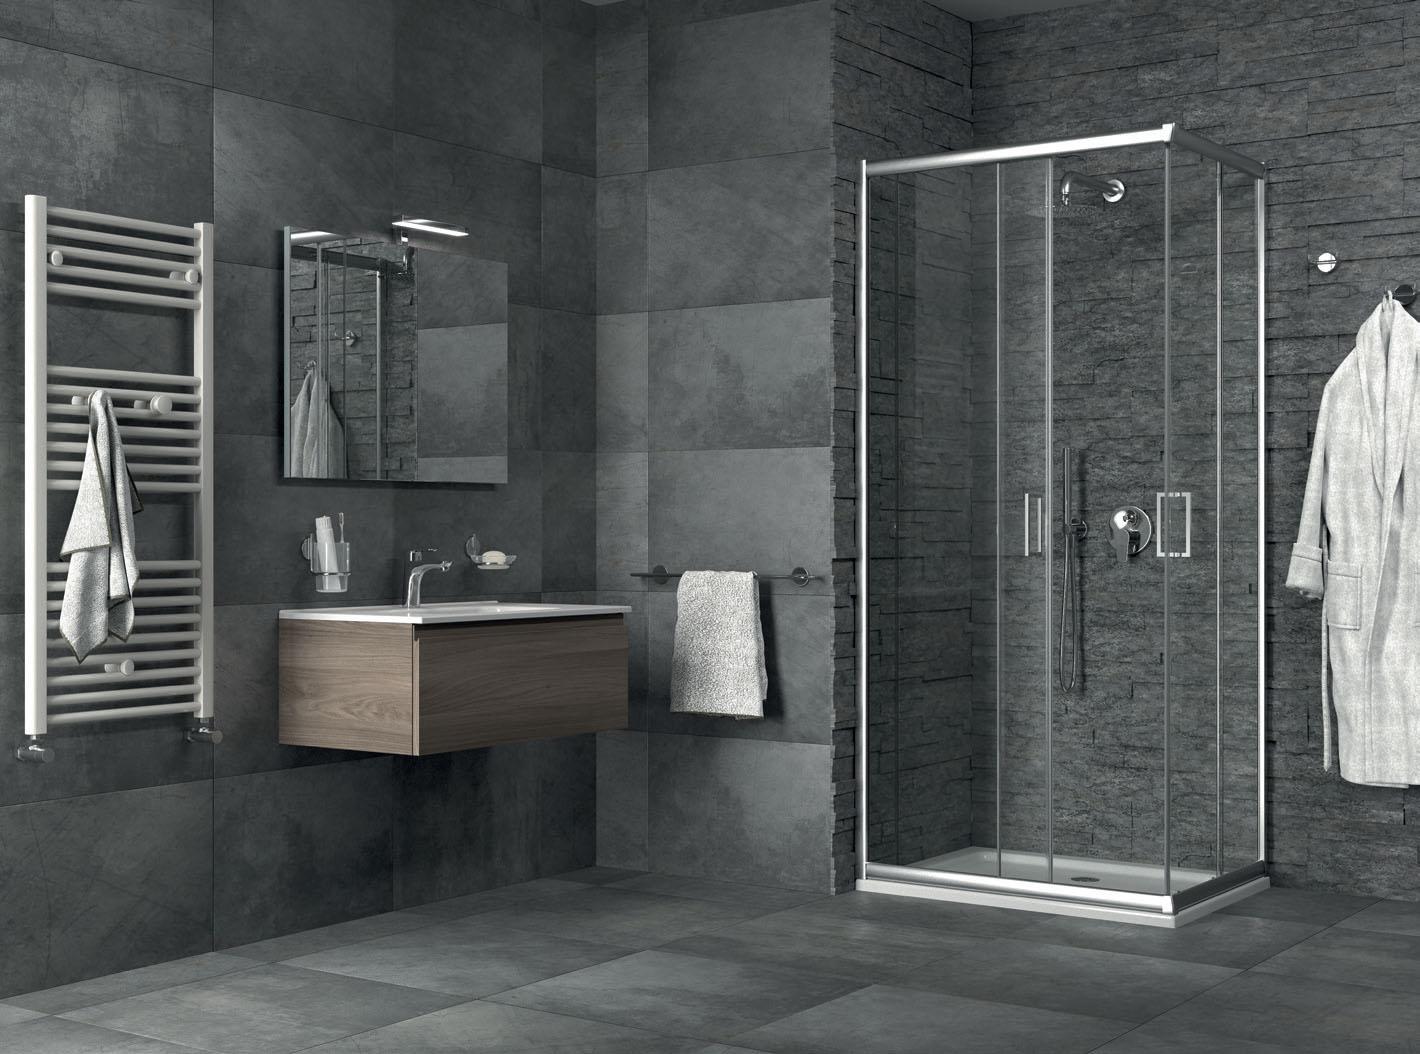 Bagno piastrella o resina quale materiale usare per una - Resina in bagno ...